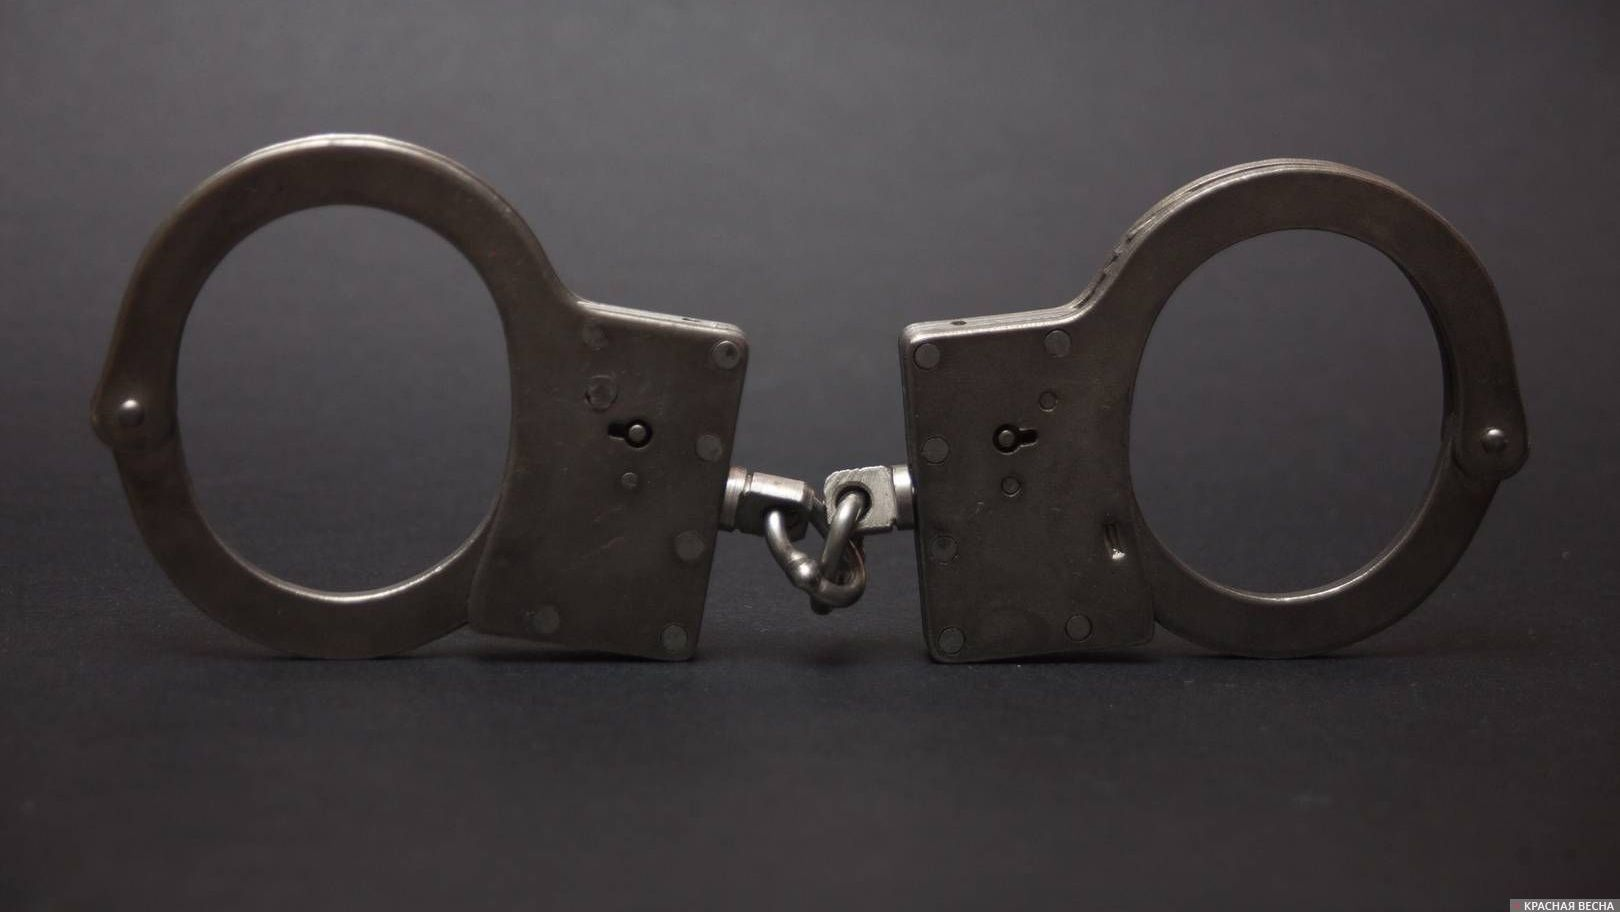 ВПетербурге суд арестовал все имущество прежнего вице-губернатора Оганесяна, подозреваемого вмошенничестве